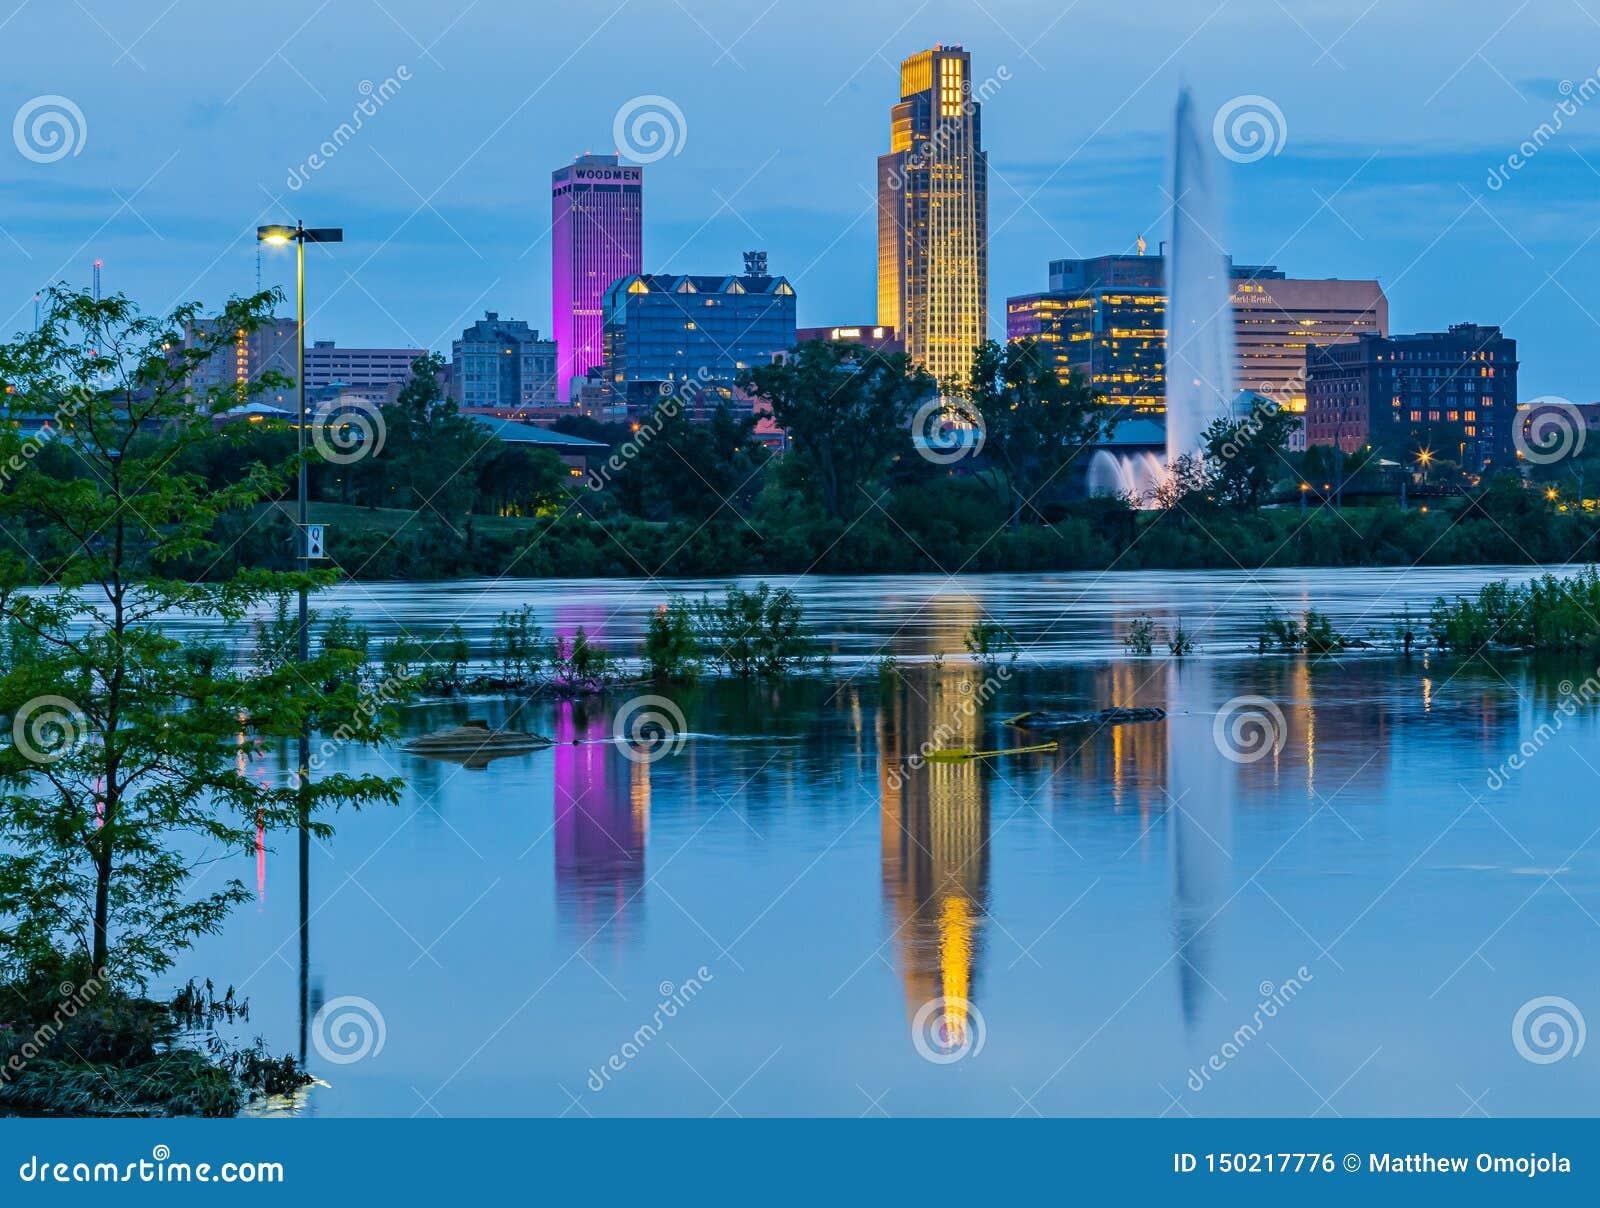 大厦的反射蓝色小时夜景2019年哈拉斯酒店赌博娱乐场停车场密苏里河洪水在康瑟尔布拉夫斯